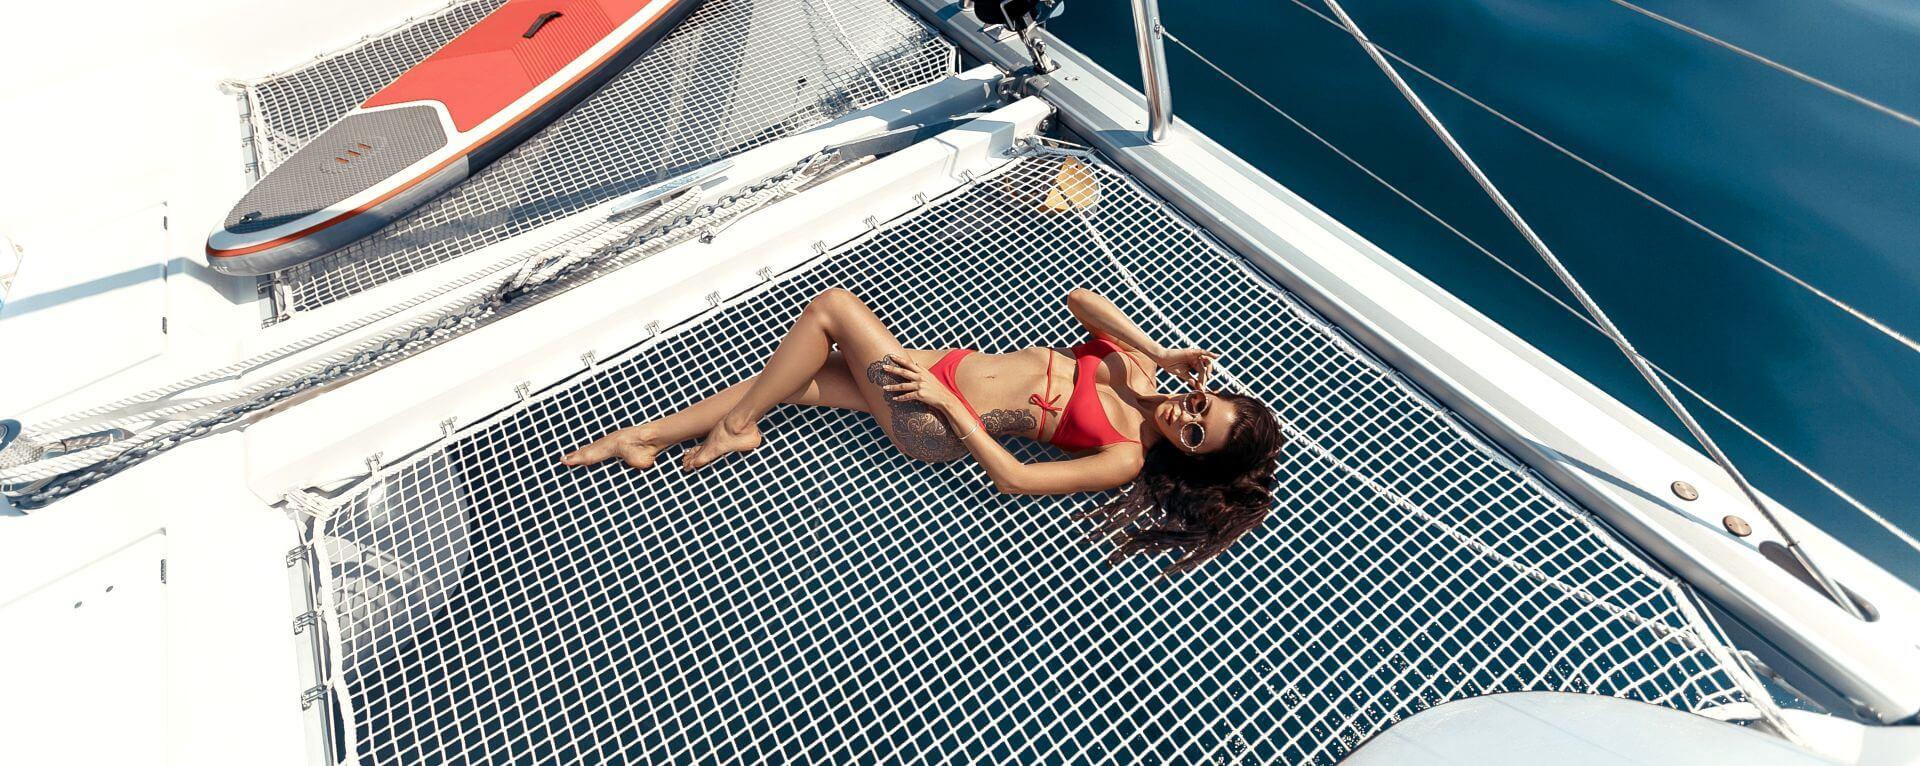 Bellissima ragazza è distesa nella rete del catamarano, prendendo il sole a Capri